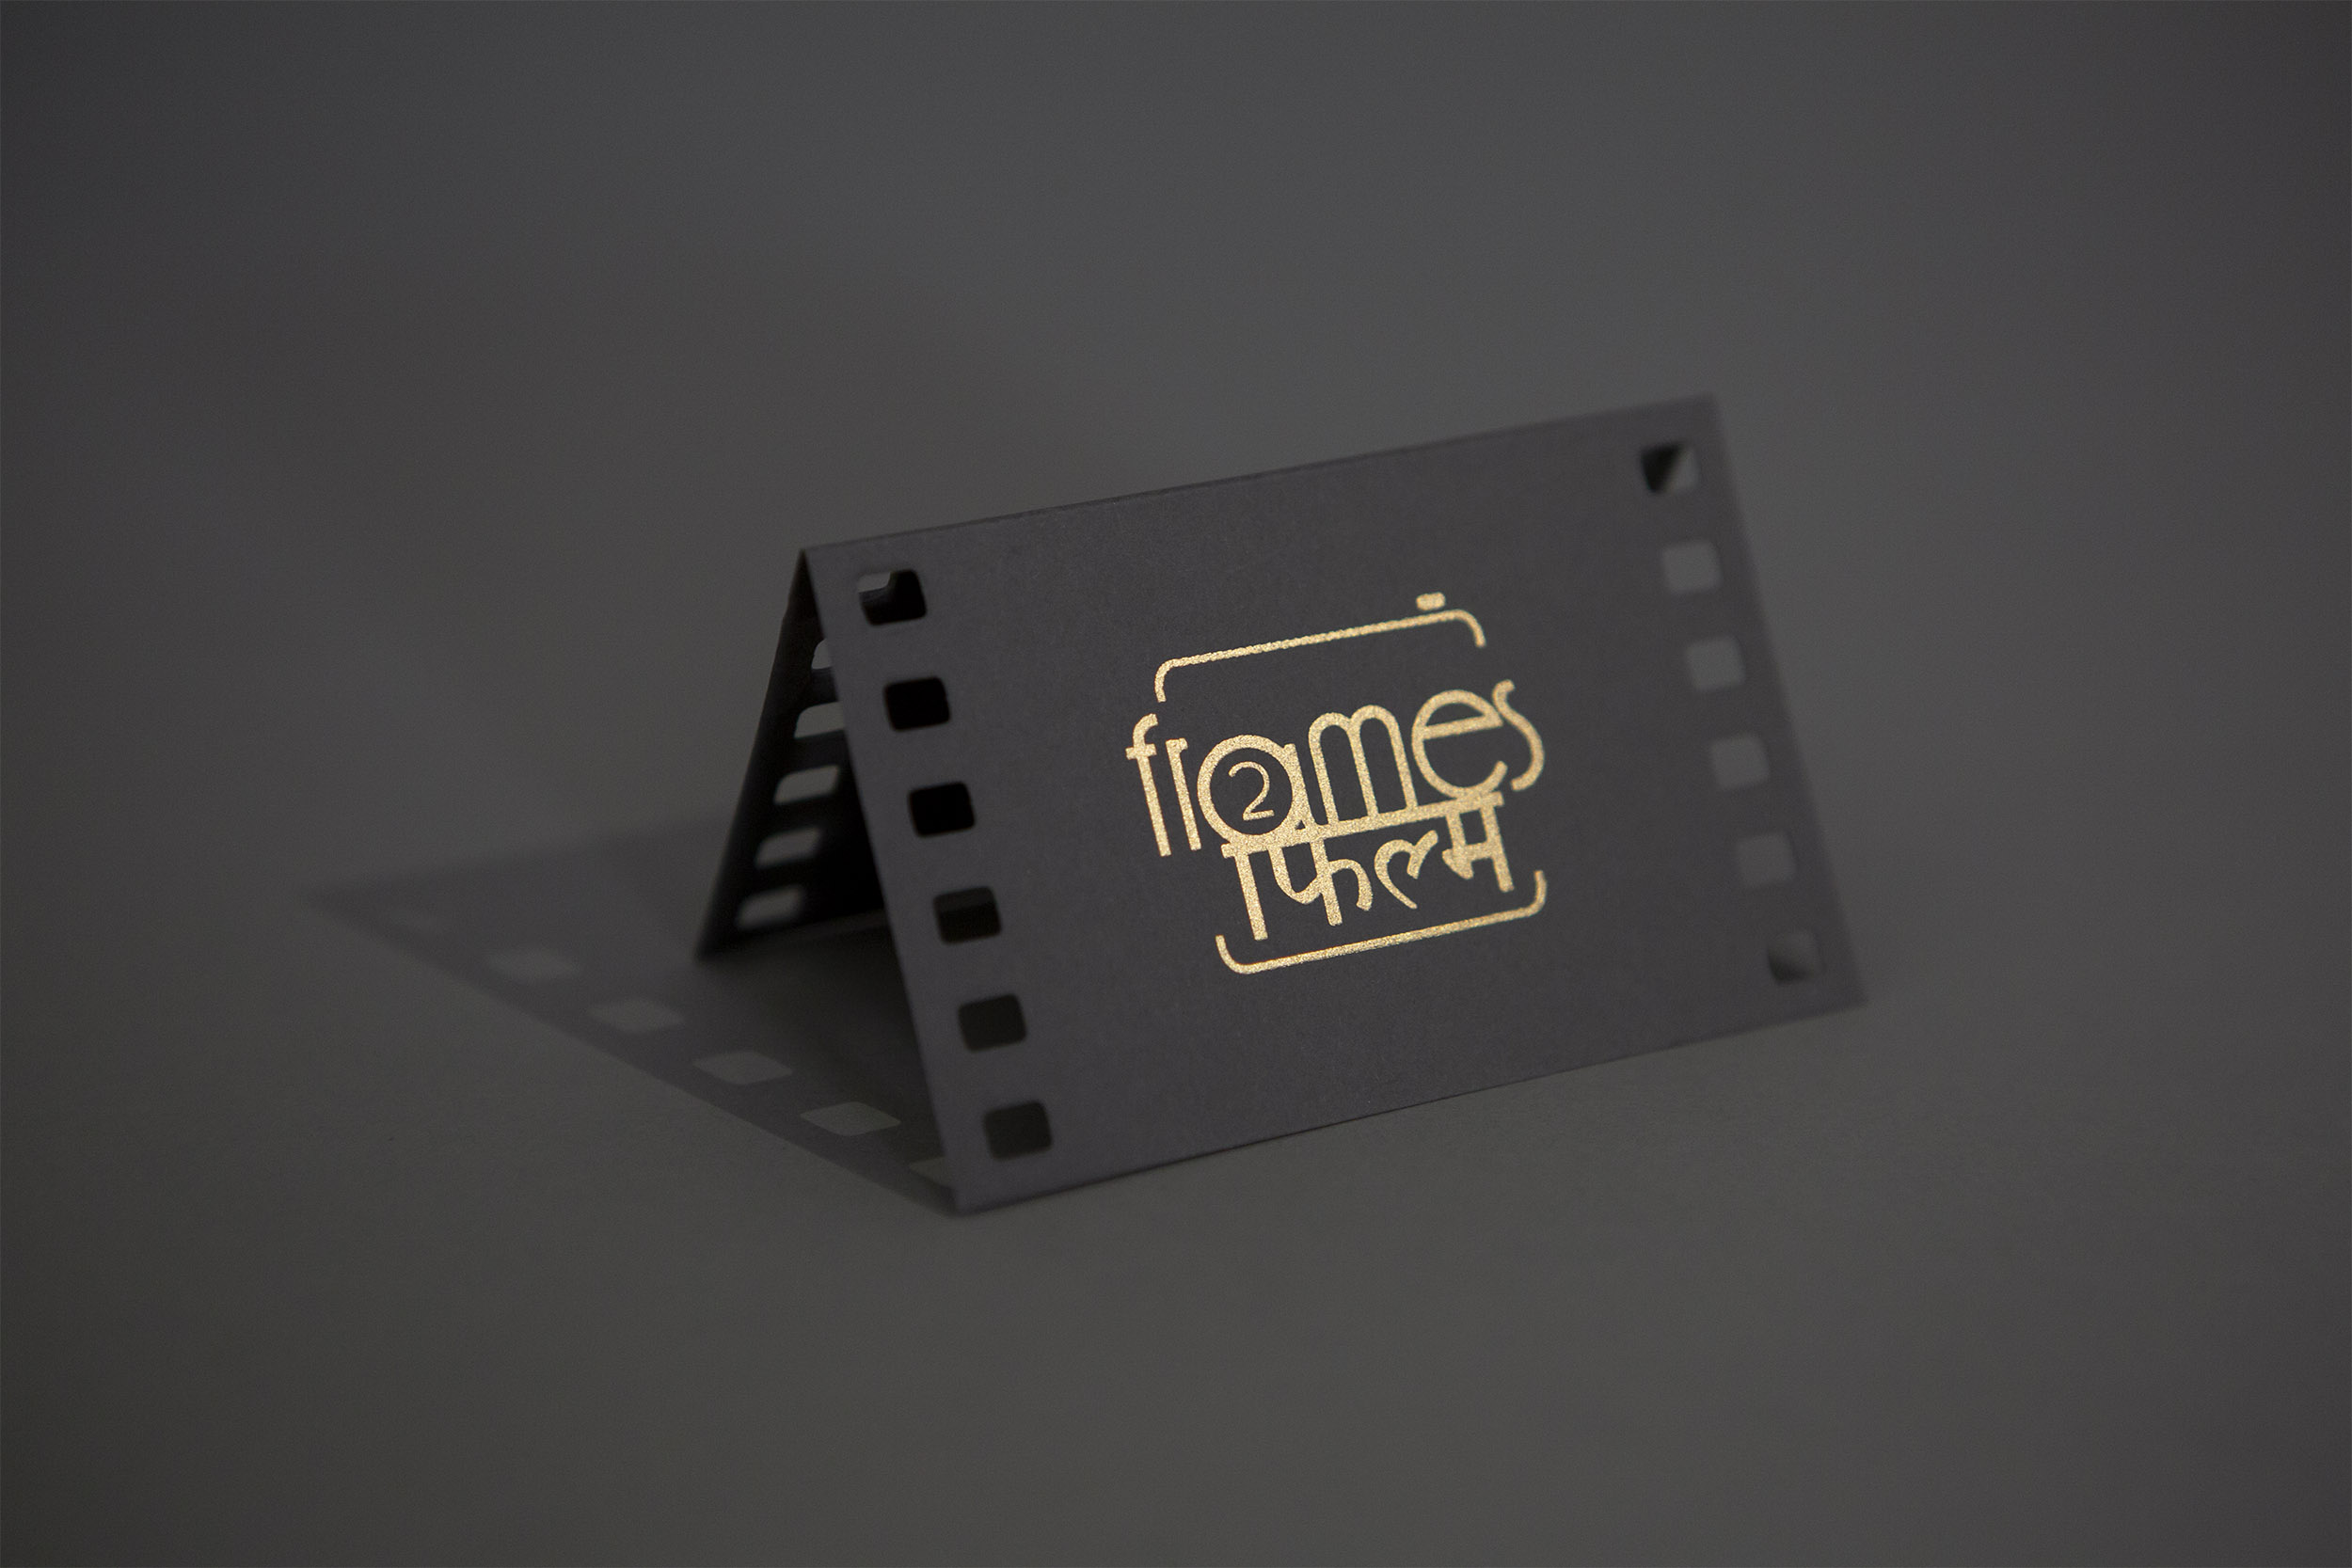 frames2film_1